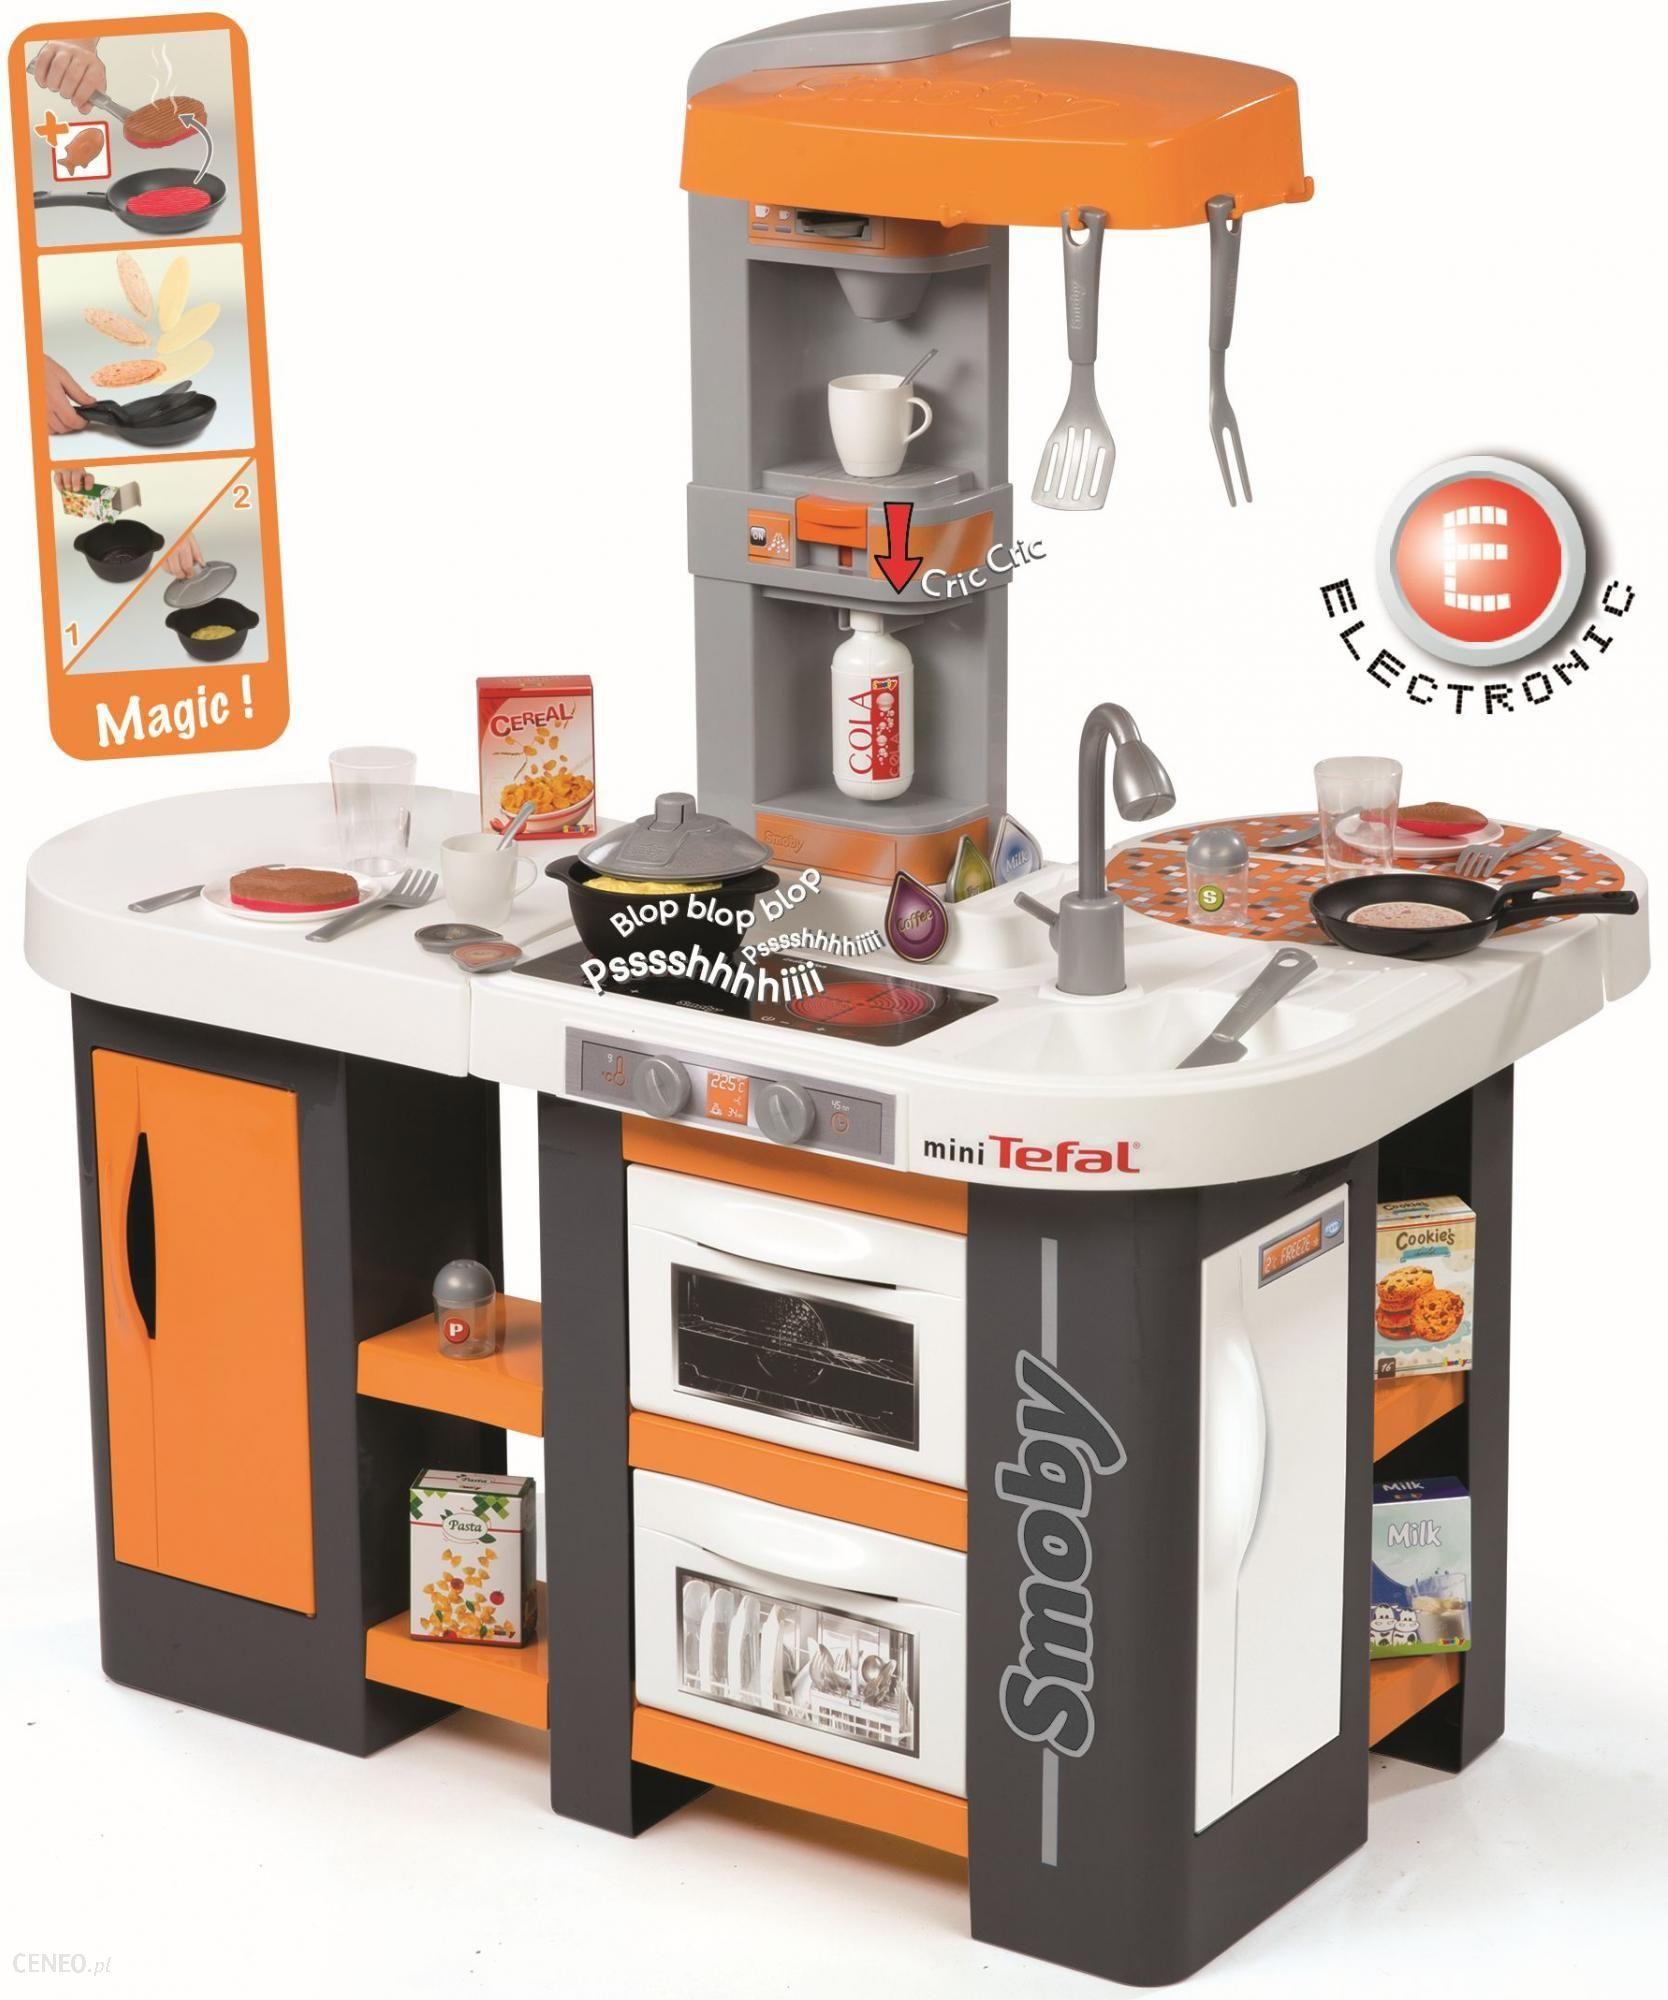 Smoby Kuchnia Mini Tefal Studio Xl 311002